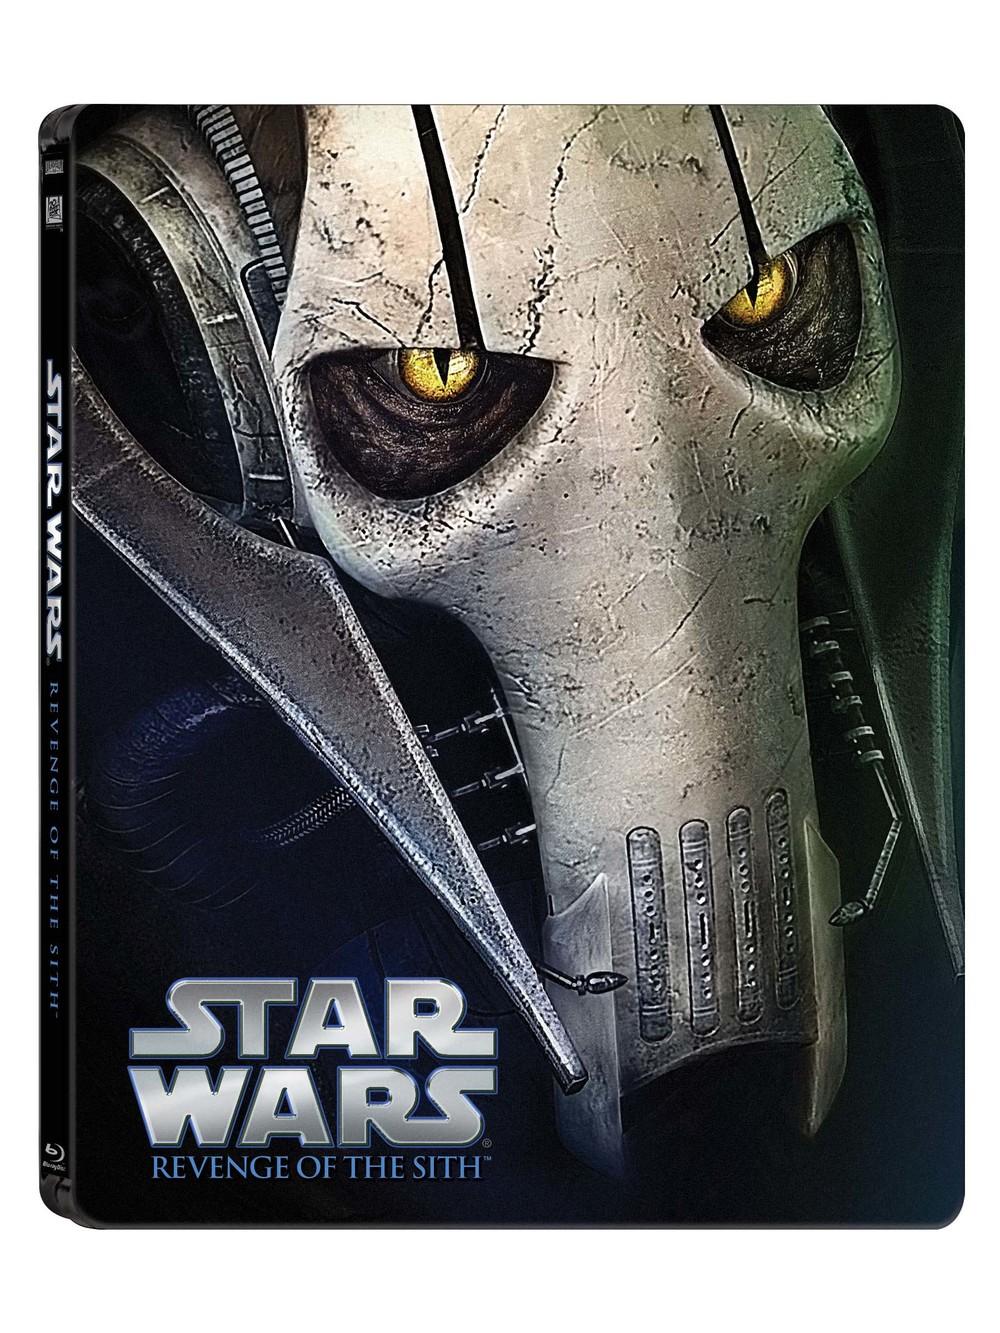 StarWars-Ep3_Steelbook_3D_Skew.jpg.jpeg